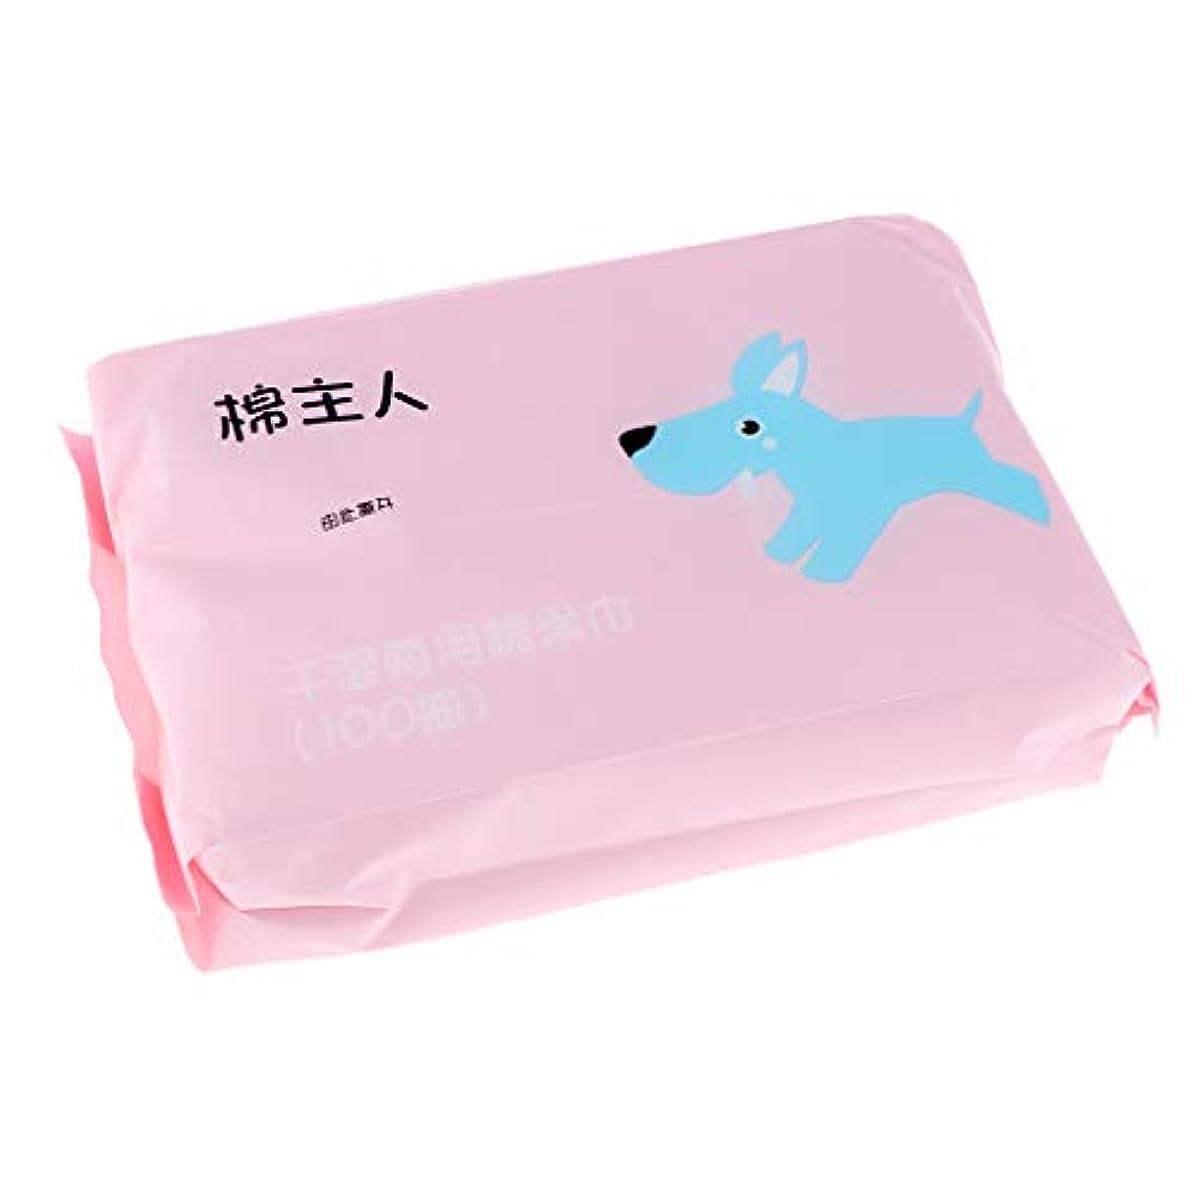 中絶歩行者悲劇的なIPOTCH 約100枚 使い捨て クリーニング フェイスタオル 化粧品 ソフト フェイシャルワイプ 2色選べ - ピンク